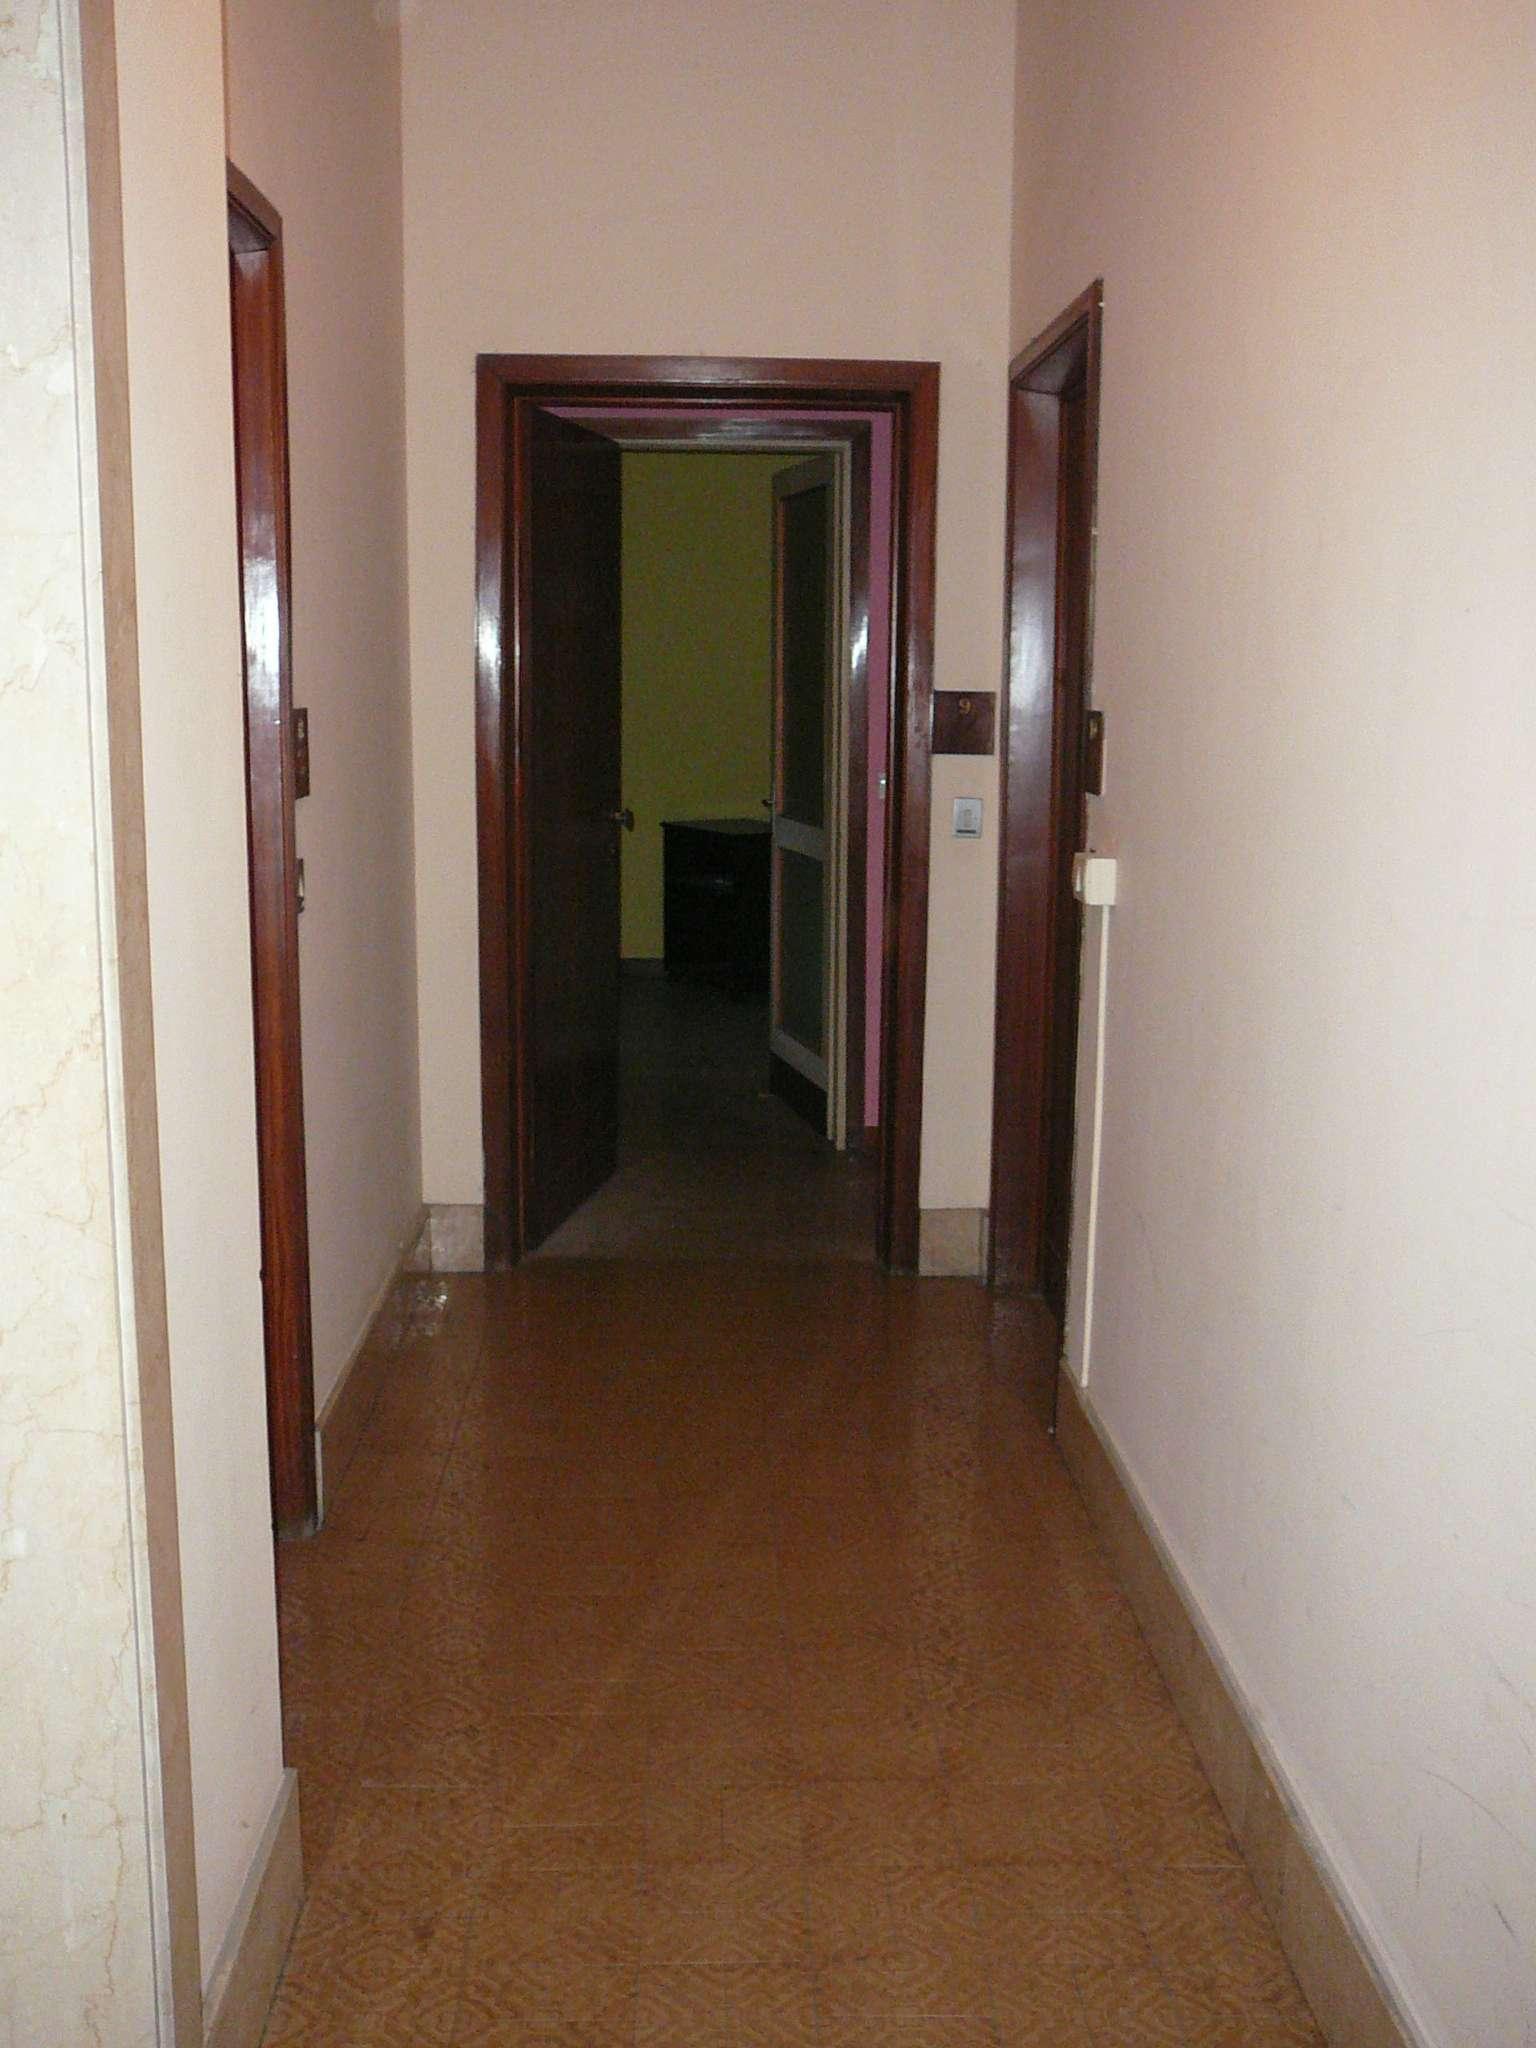 Bilocale Casale Monferrato Via Eleuterio Pagliano 6